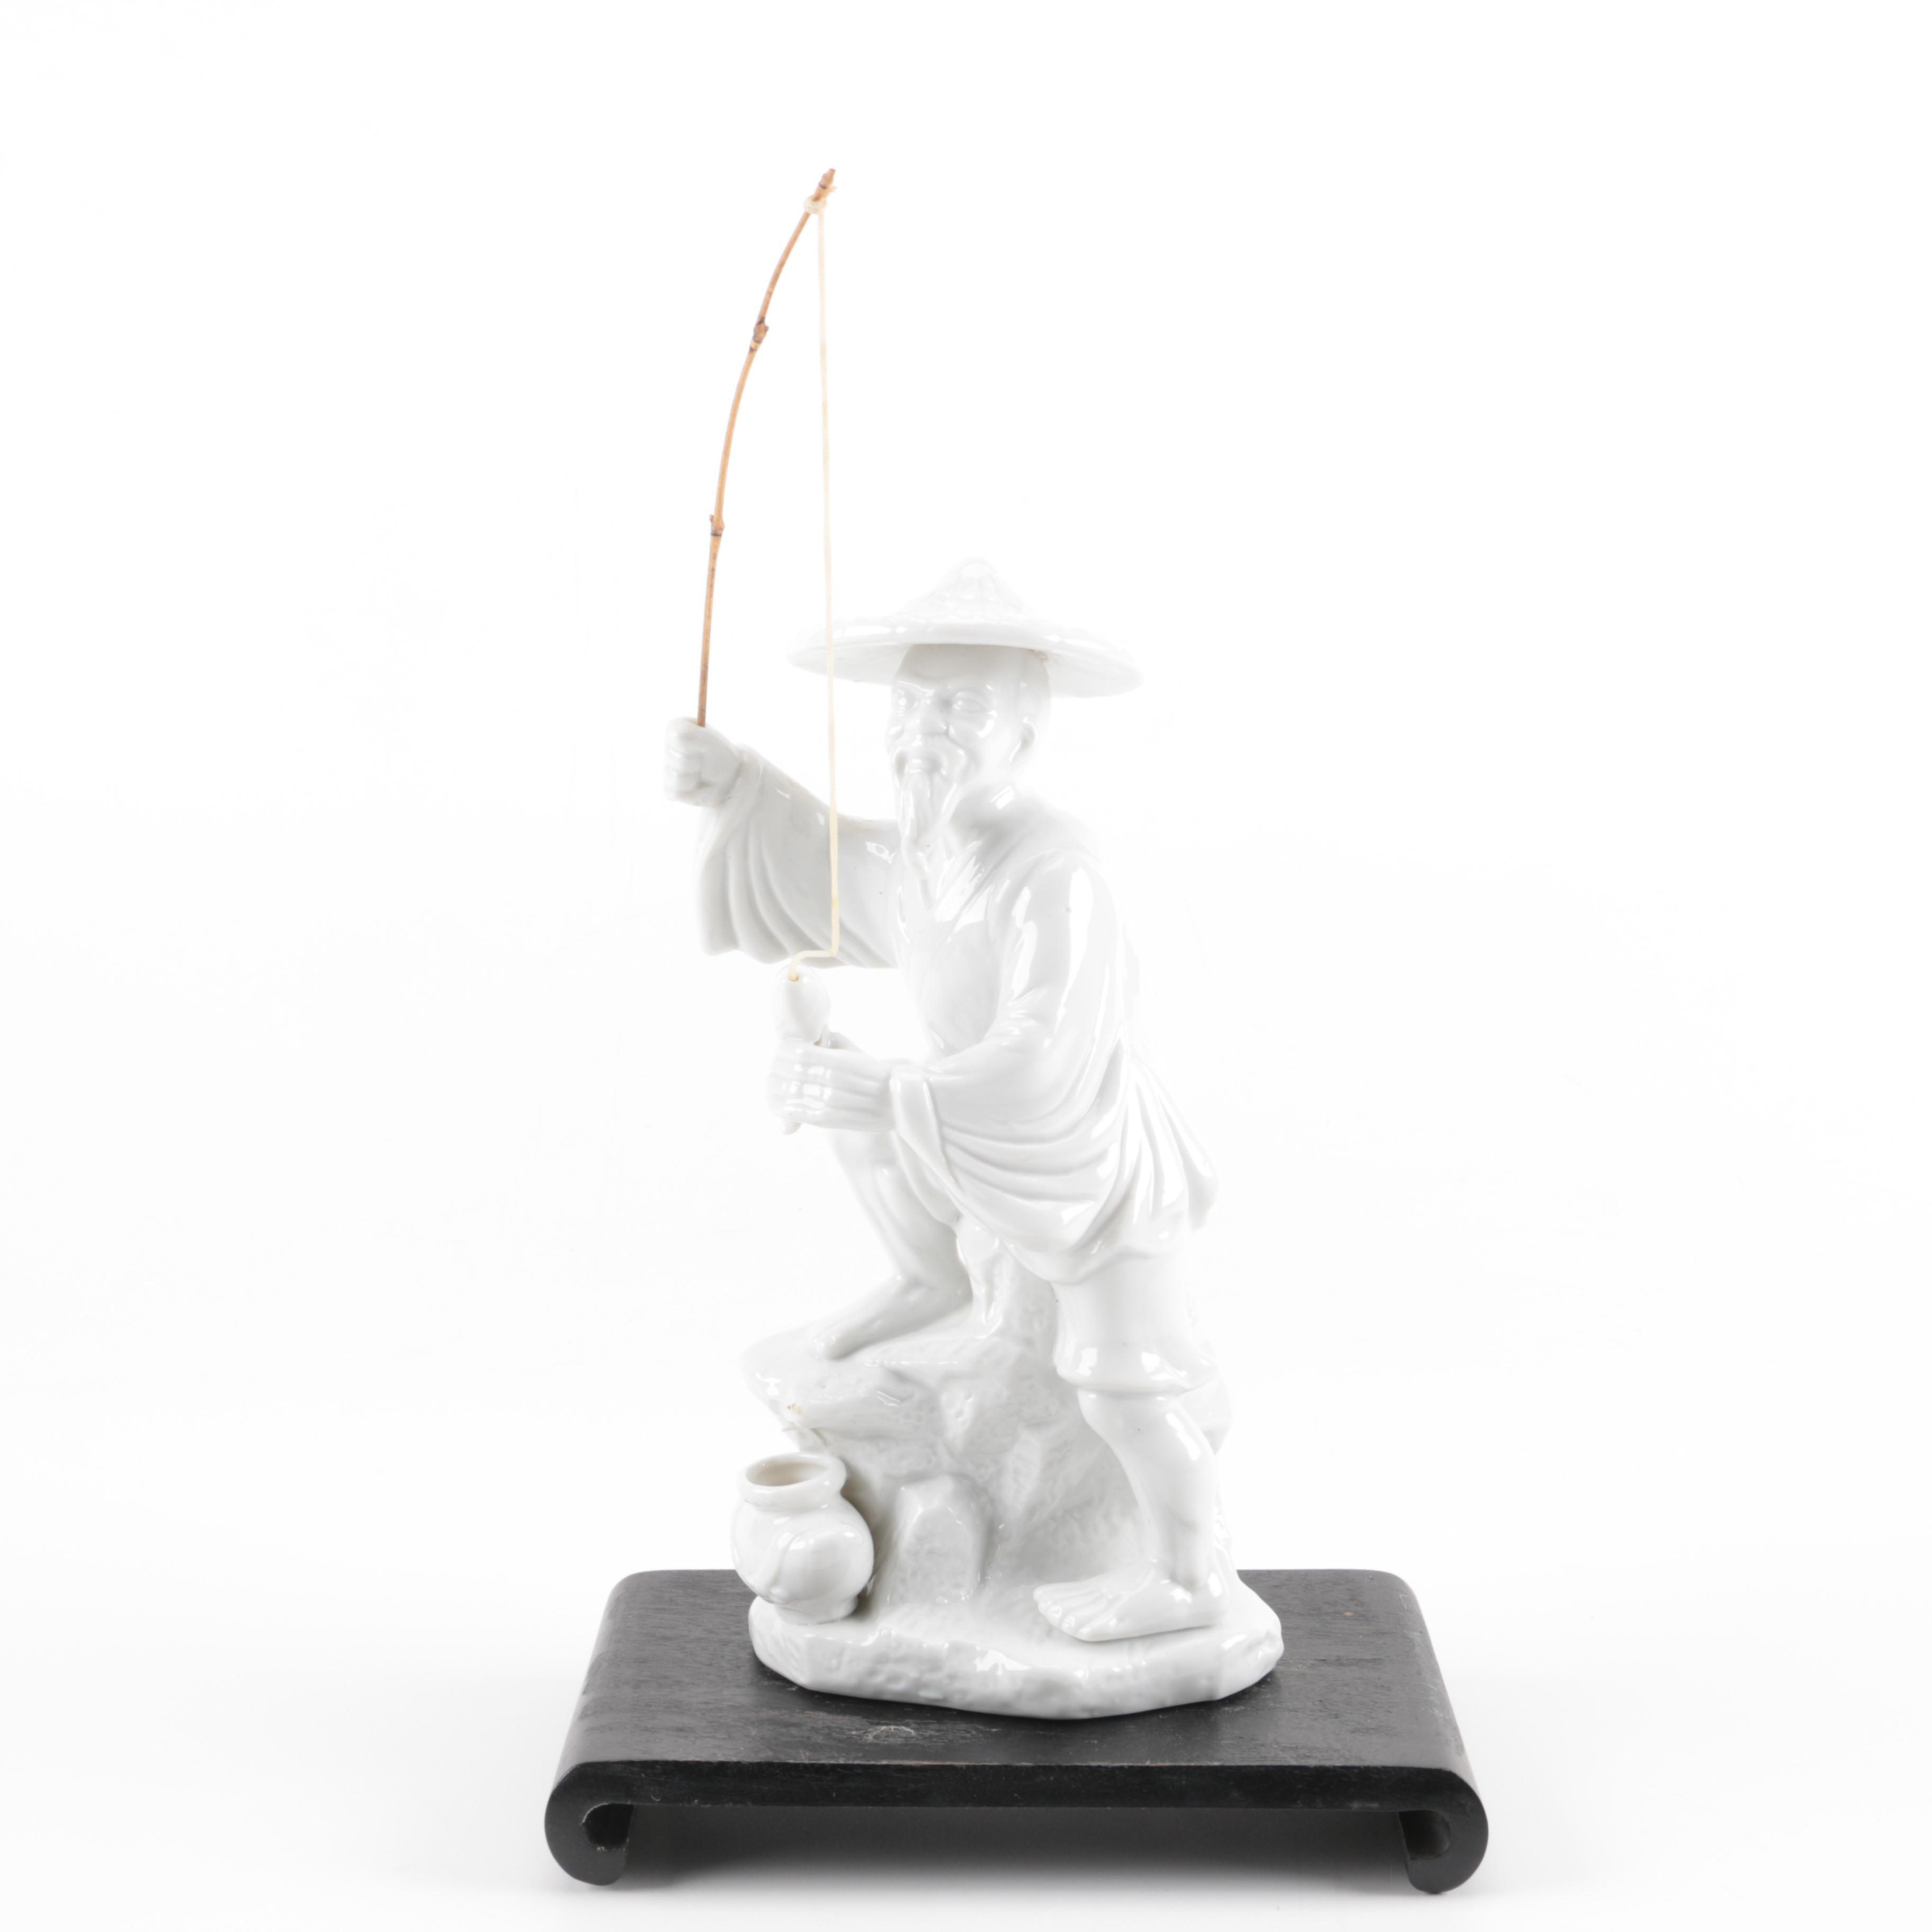 Chinese Ceramic Fisherman Figurine